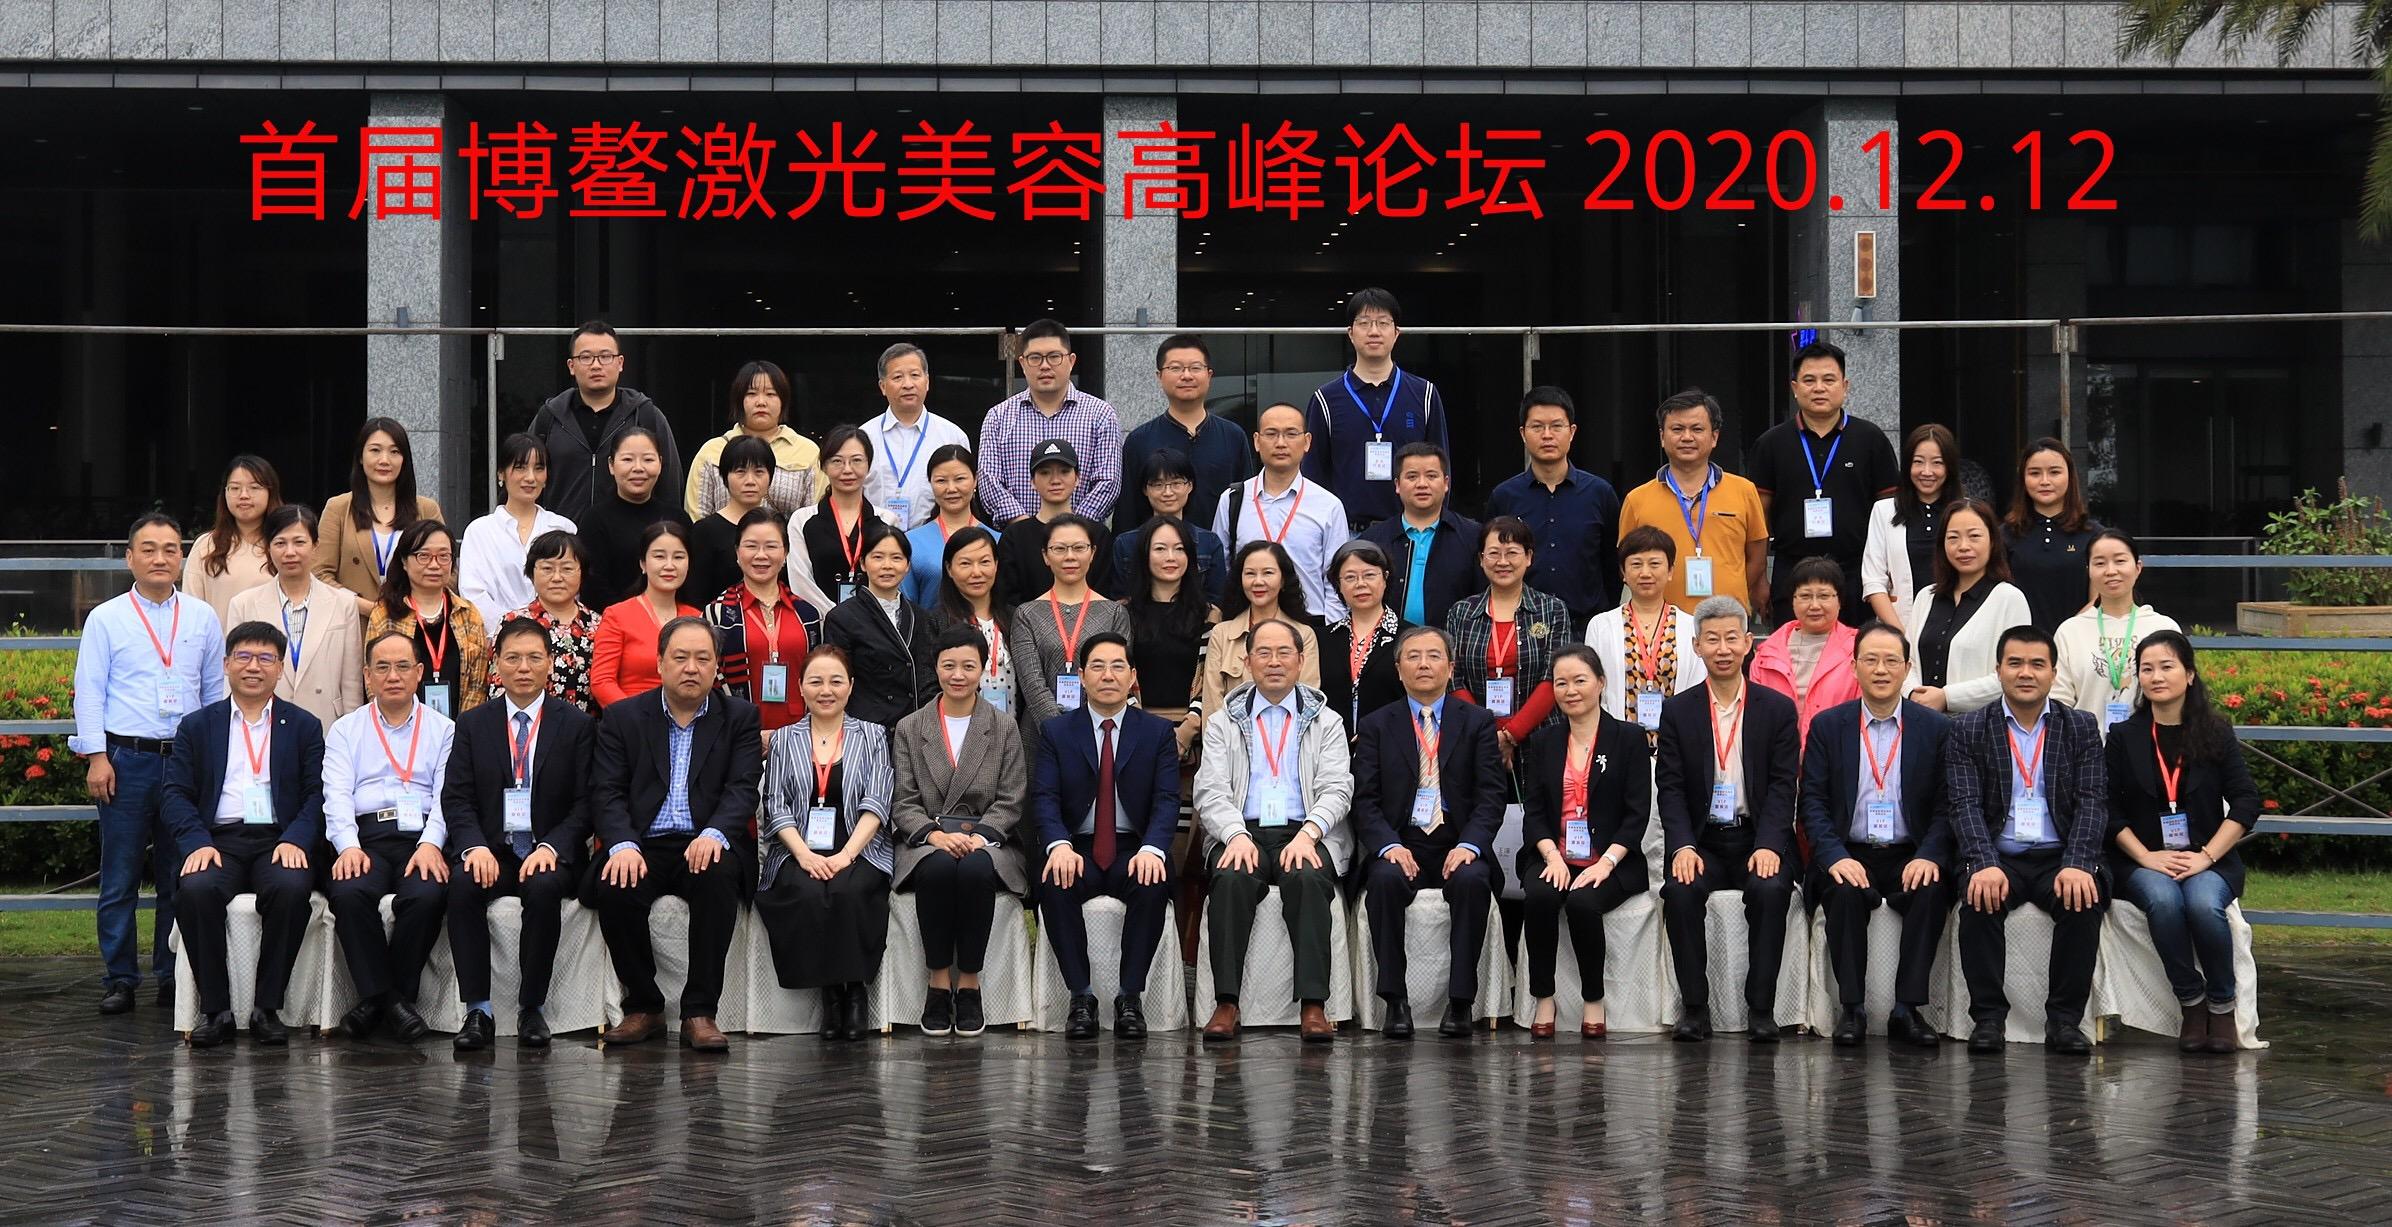 罗玲院长受邀出席2020年中华医学会医学美学与美容分会激光美容组全委会